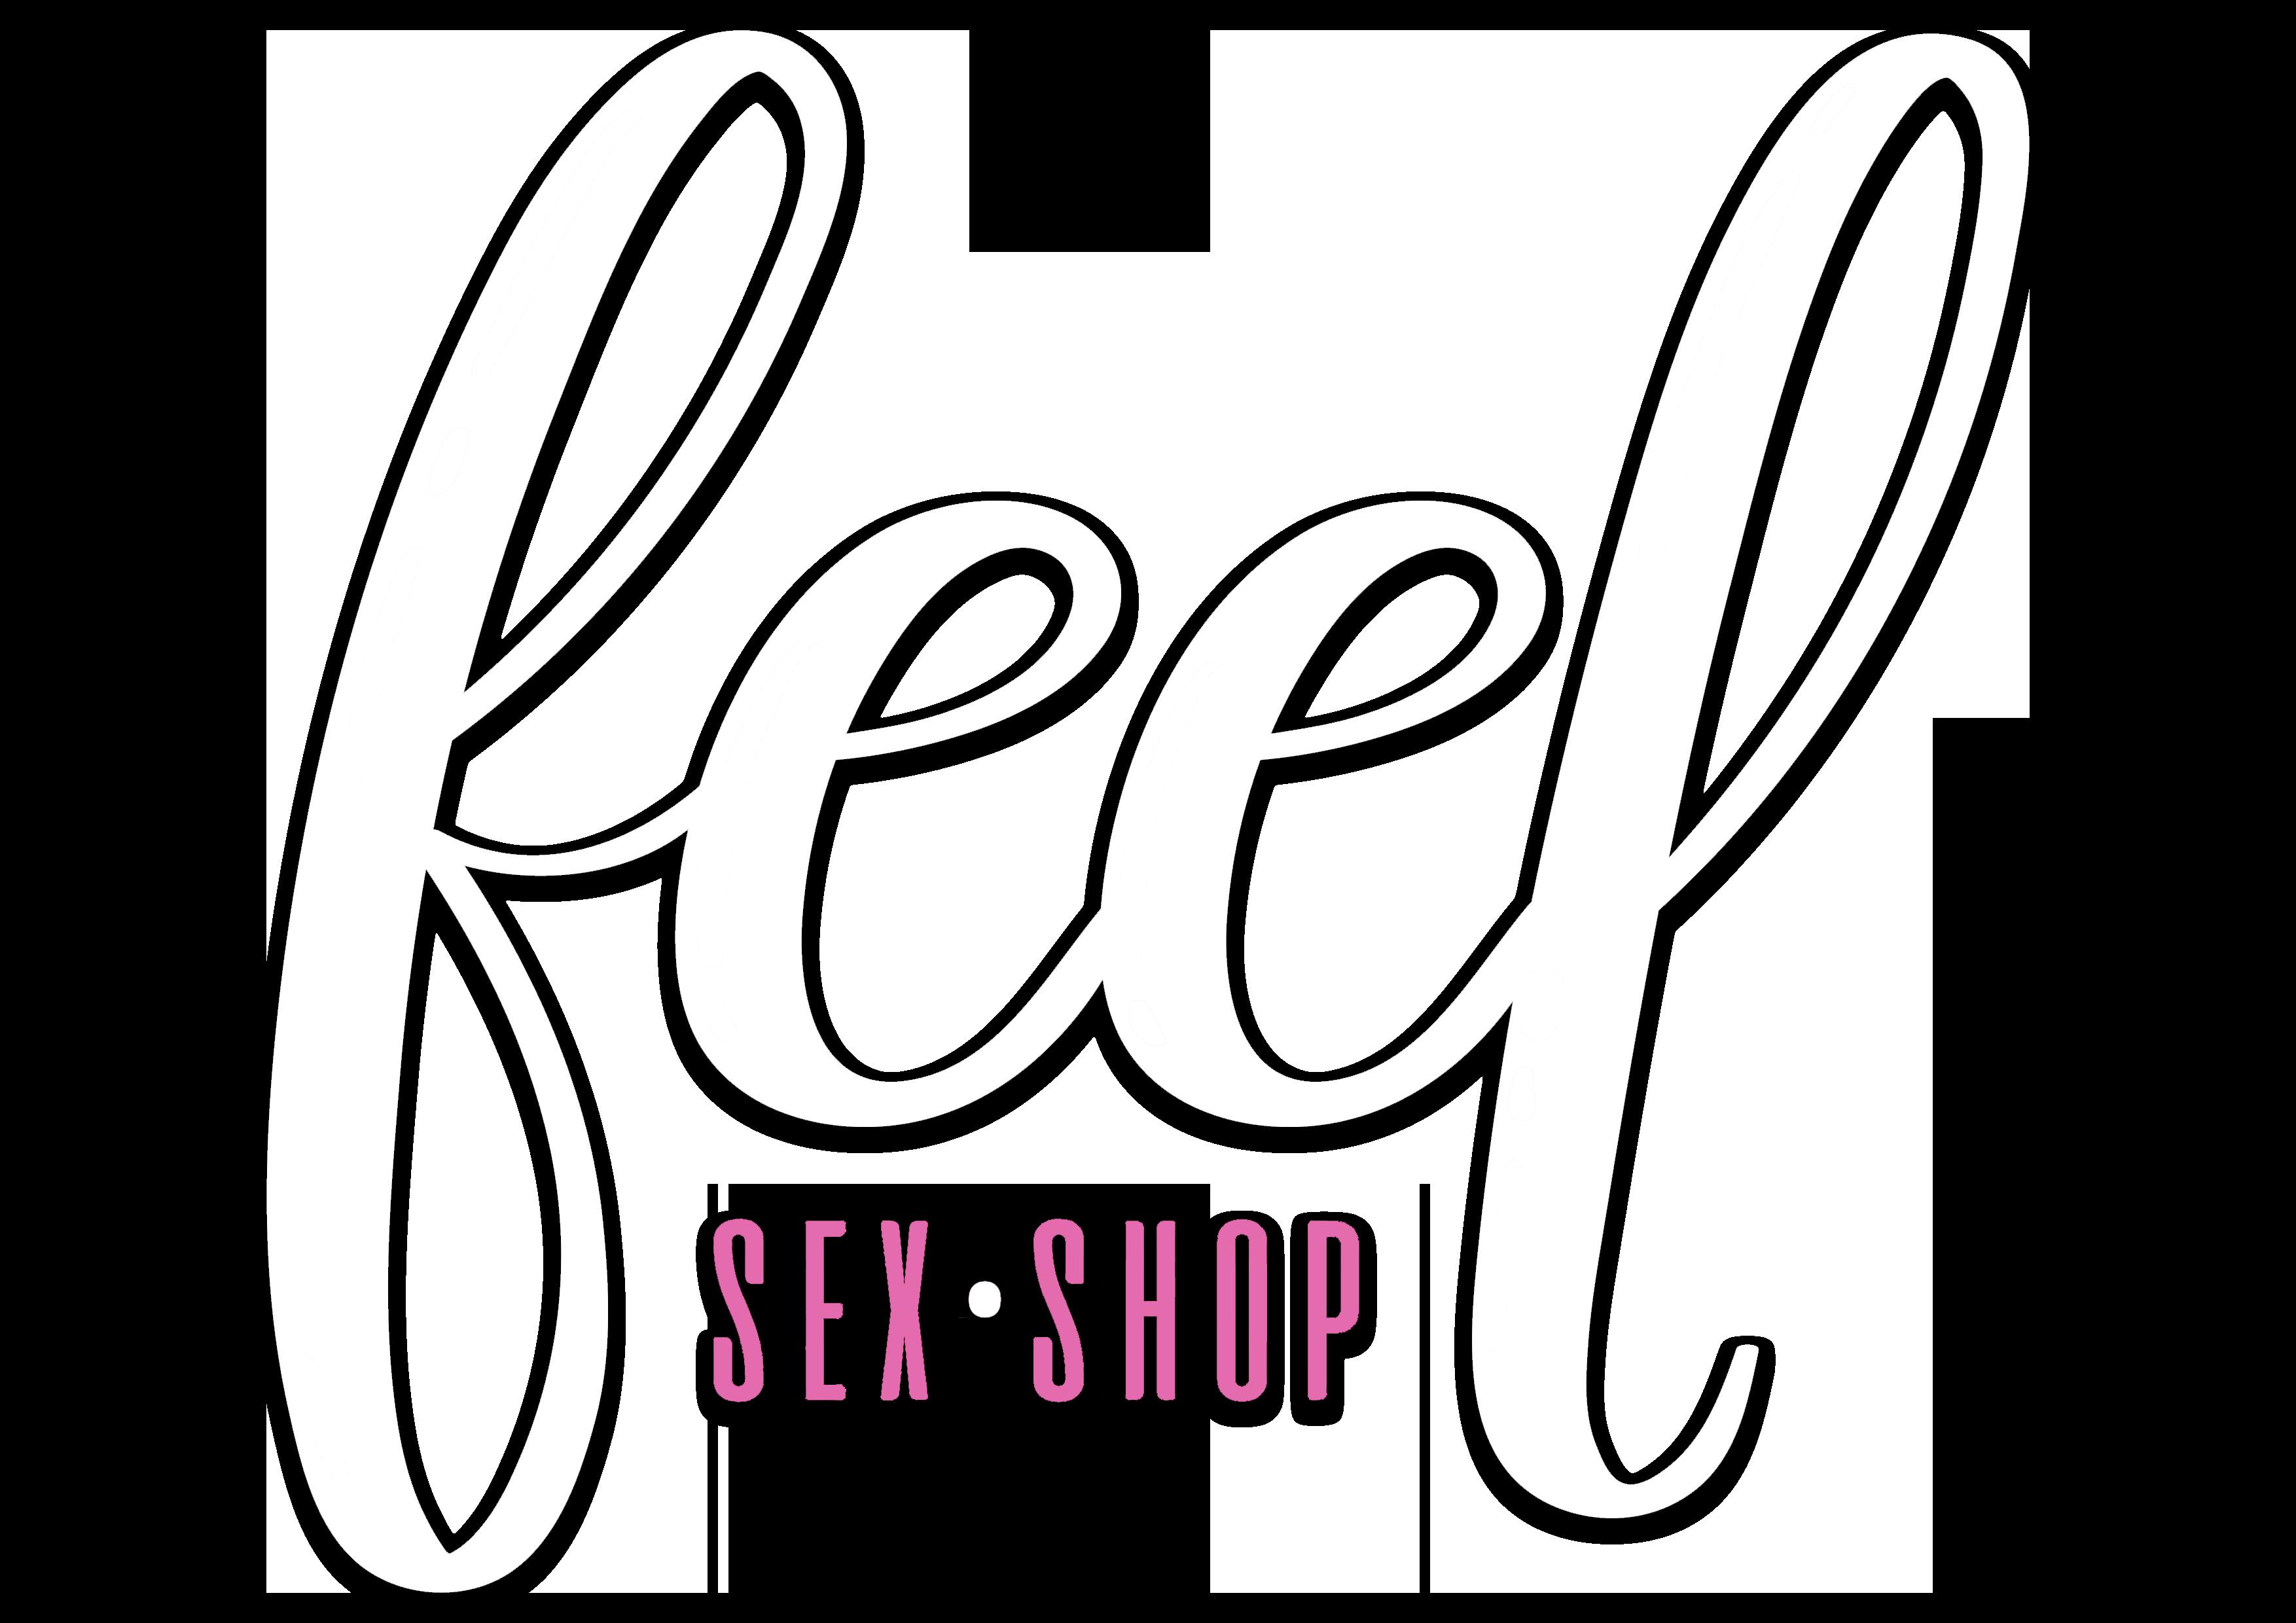 Feel Sex Shop